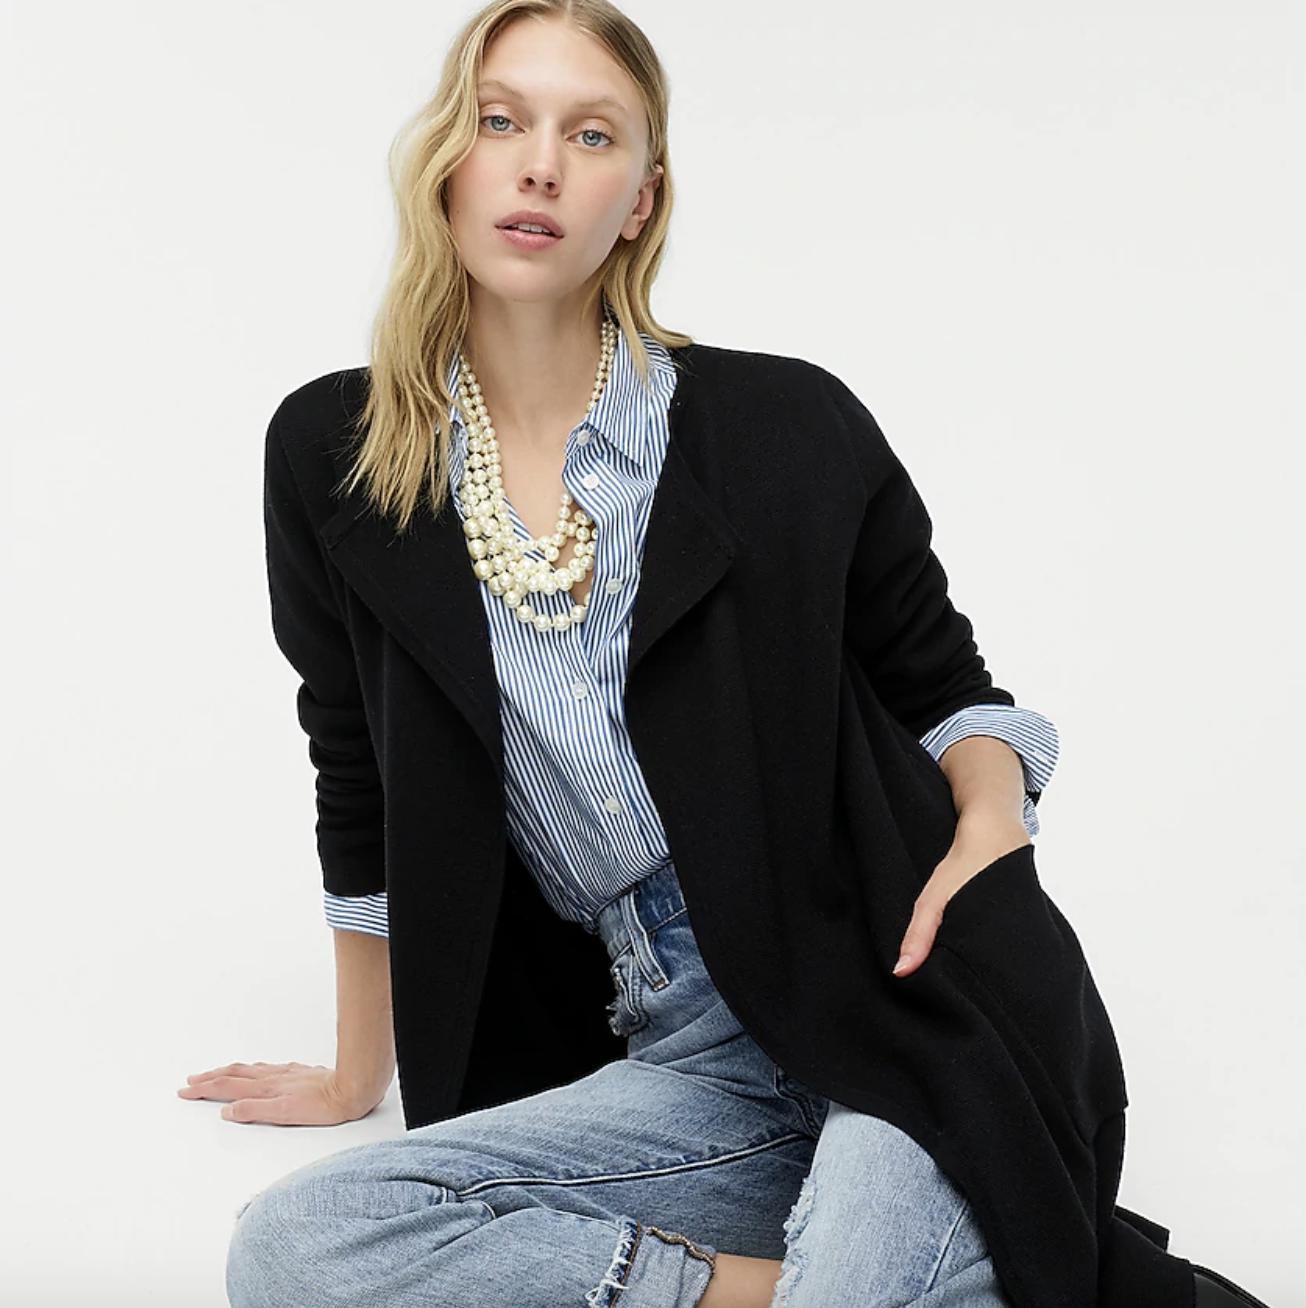 model wearing black collarless sweater-blazer